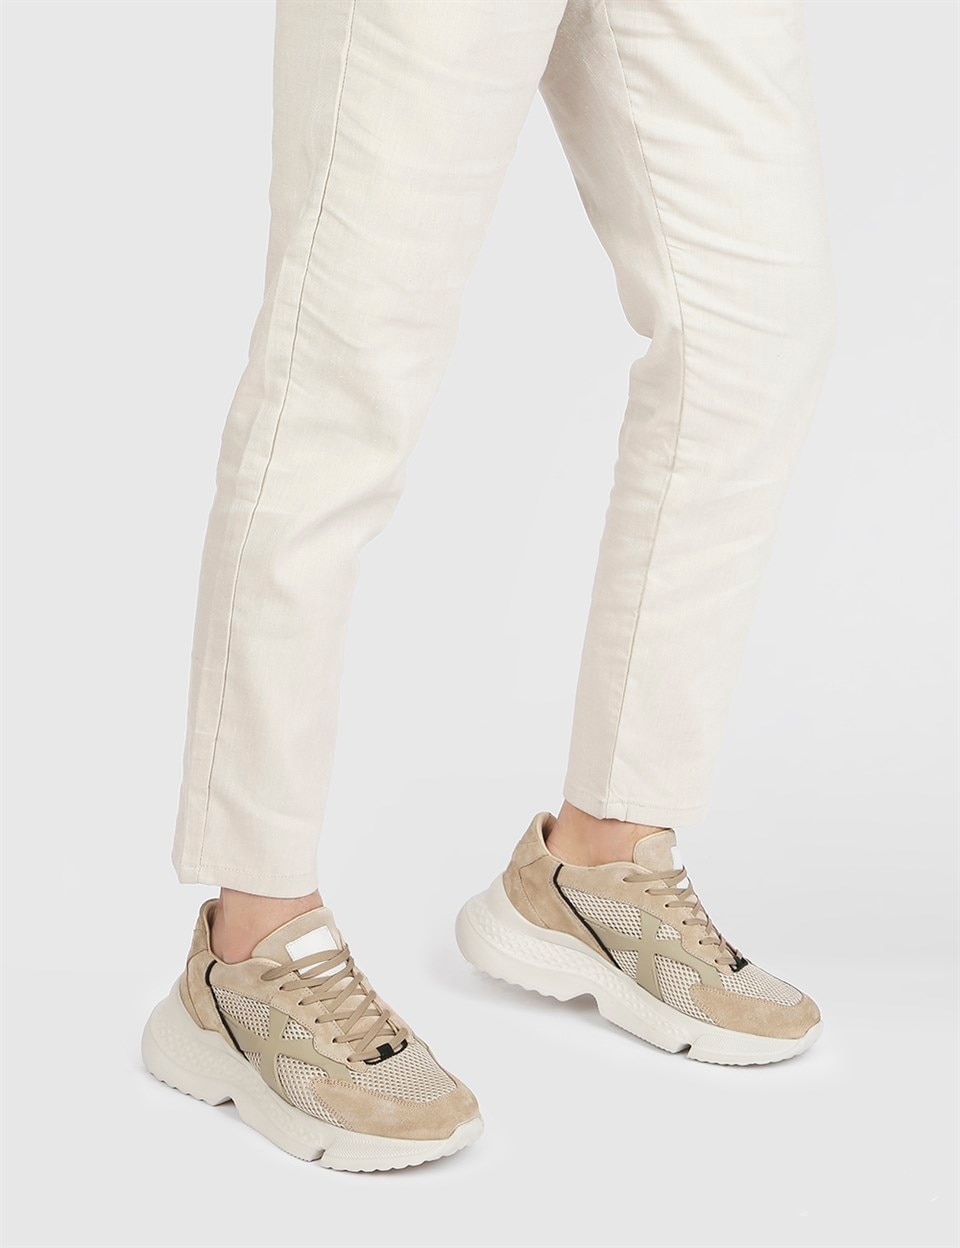 ILVi-جلد طبيعي اليدوية Artek الرمال Nubuck حذاء رياضة للرجال حذاء رجالي 2021 الربيع/الصيف